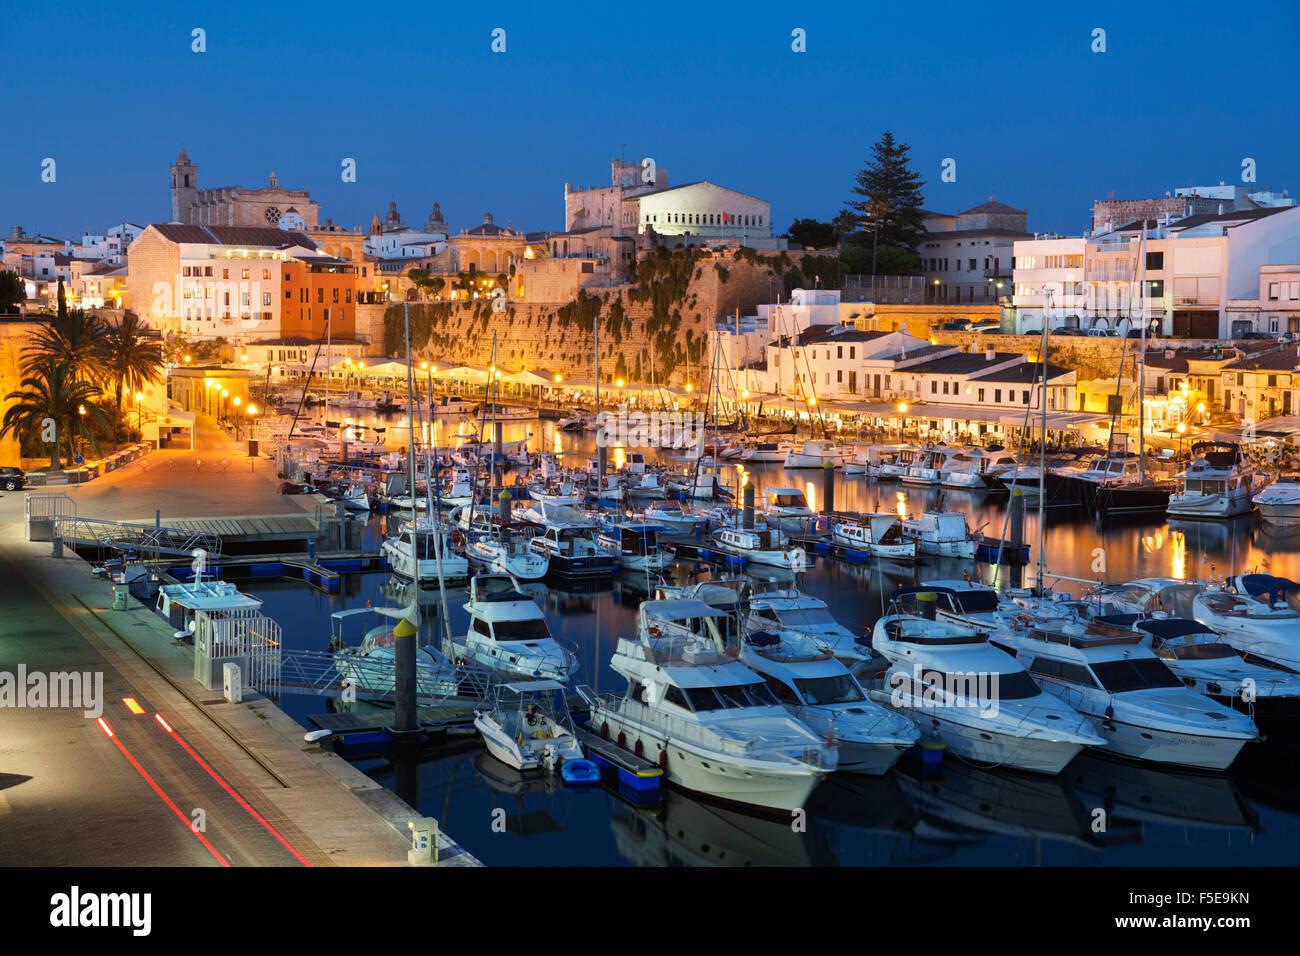 View over harbour and Ayuntamiento de Ciutadella at night, Ciutadella, Menorca, Balearic Islands, Spain, Mediterranean, - Stock Image